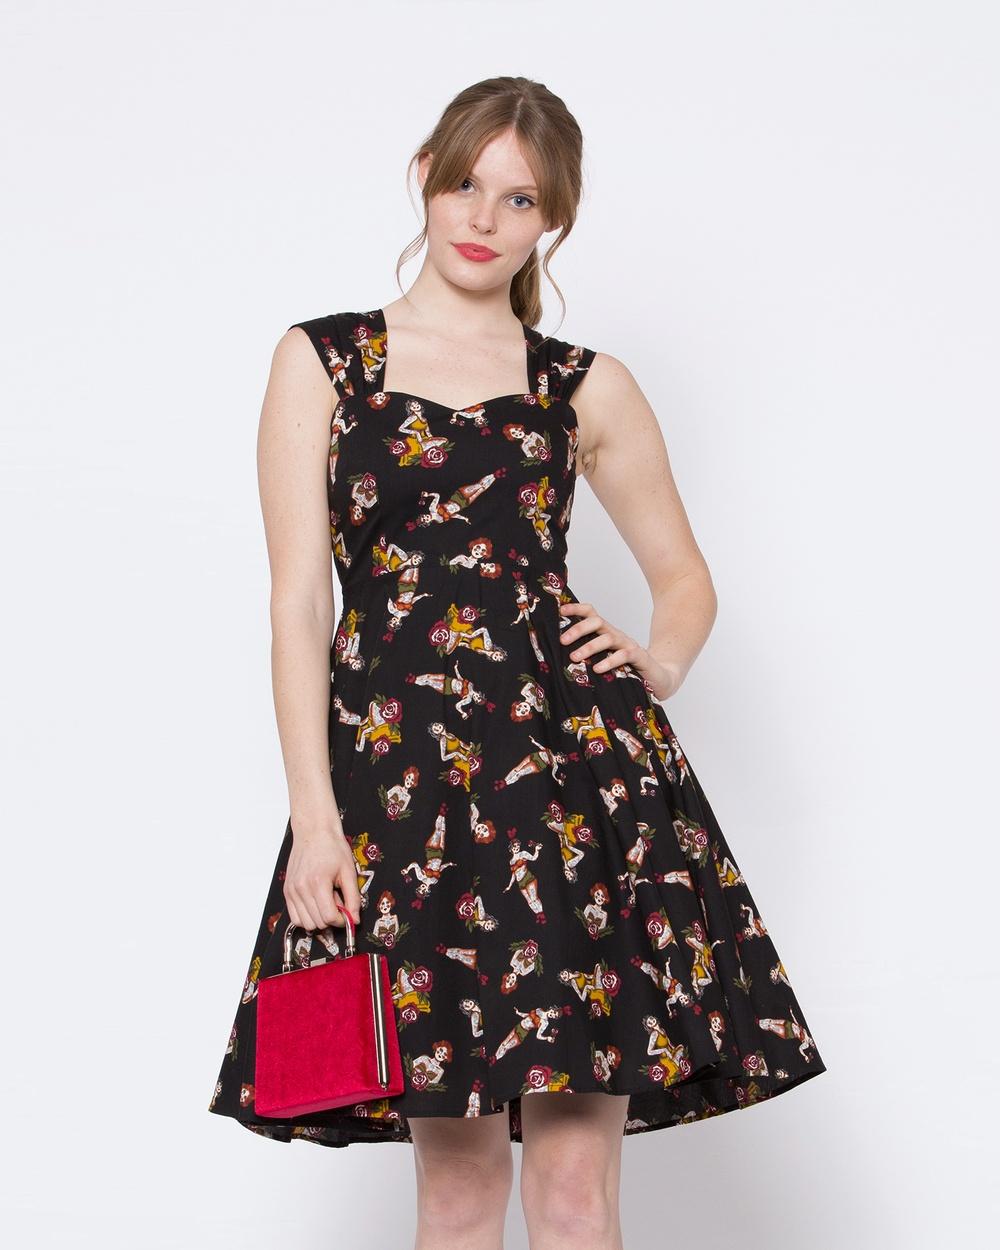 Dangerfield Tattooed Lady Dress Dresses Black Tattooed Lady Dress